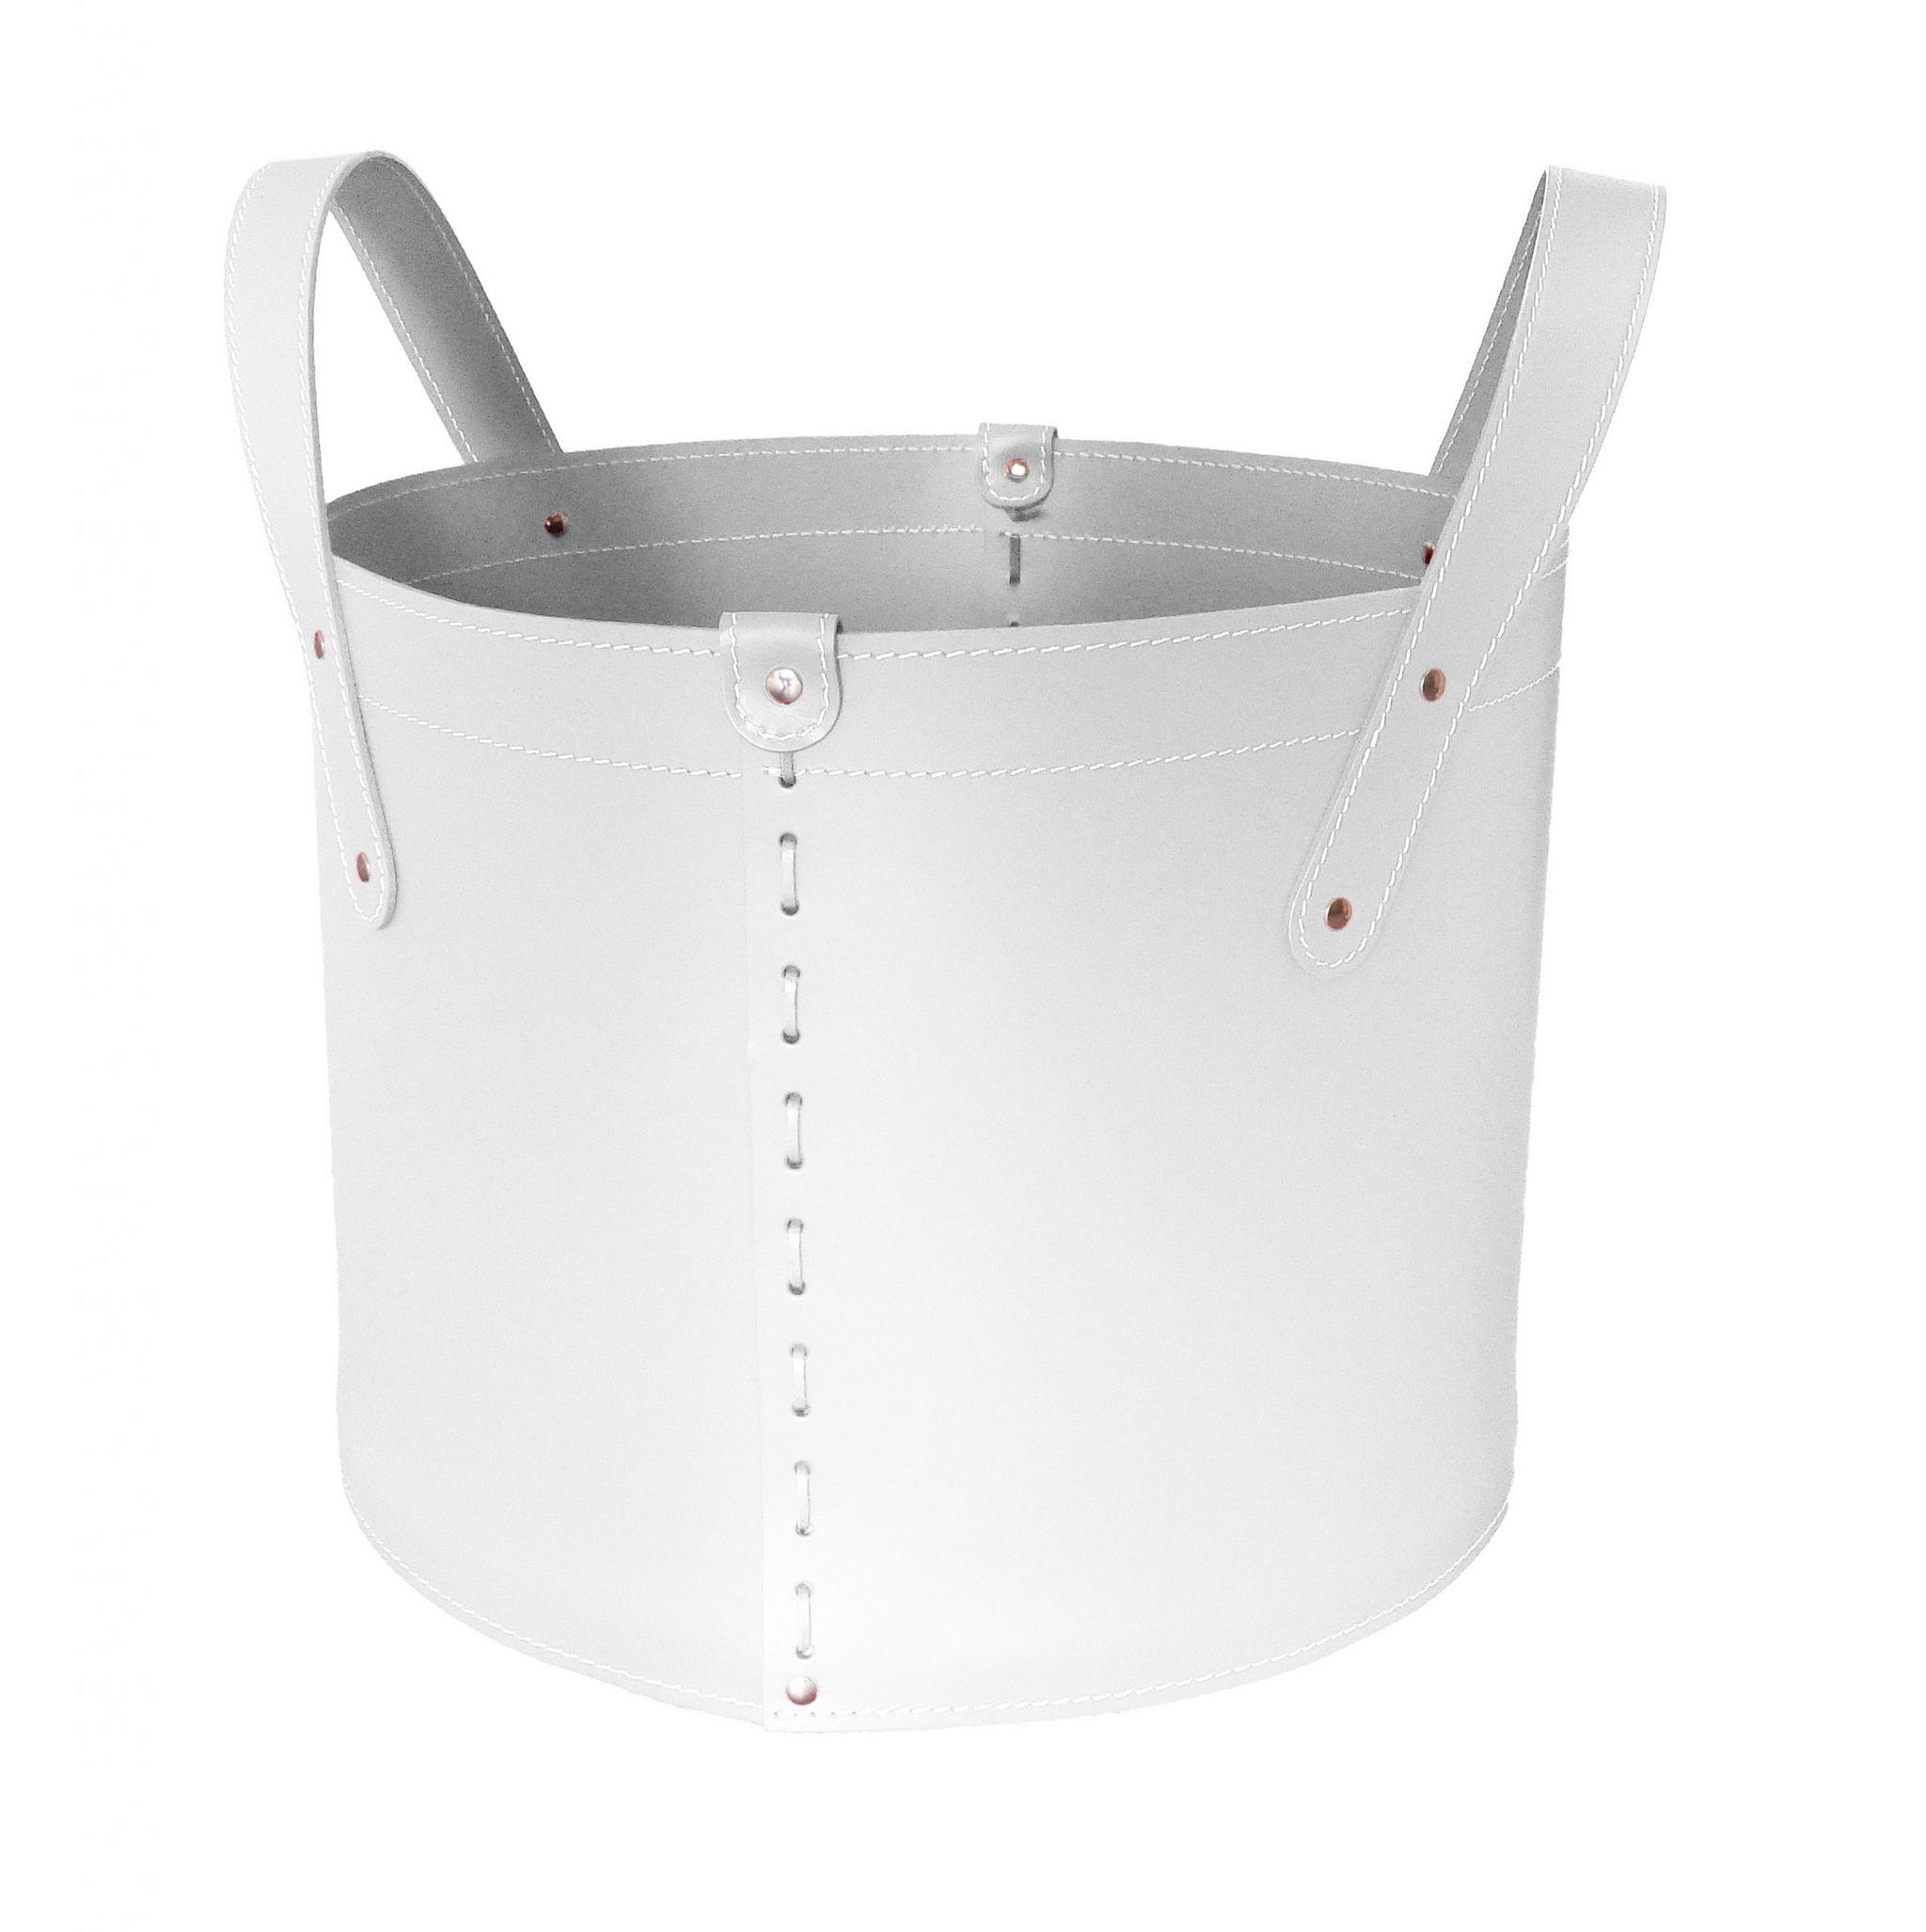 TONDA: portalegna in cuoio colore Bianco, contenitore per camino, borsa porta legna, per la casa, Ufficio, Hotel, design Firestyle®, Made in Italy.